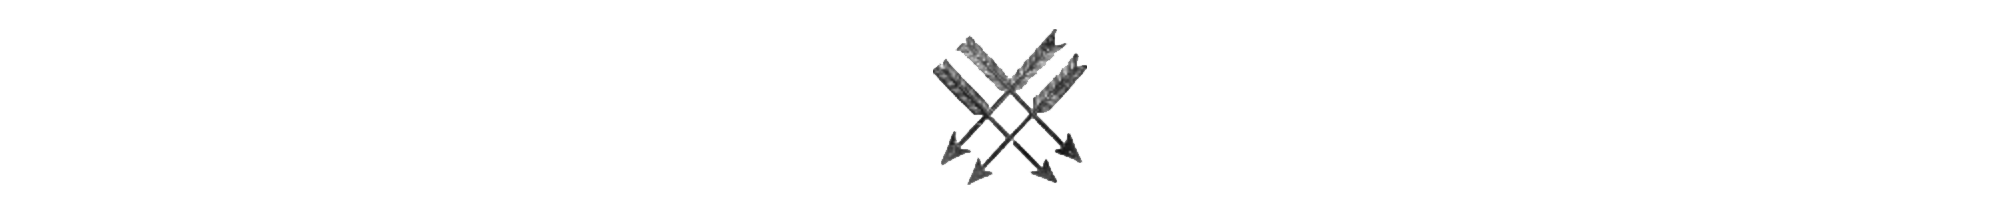 arrow18.png